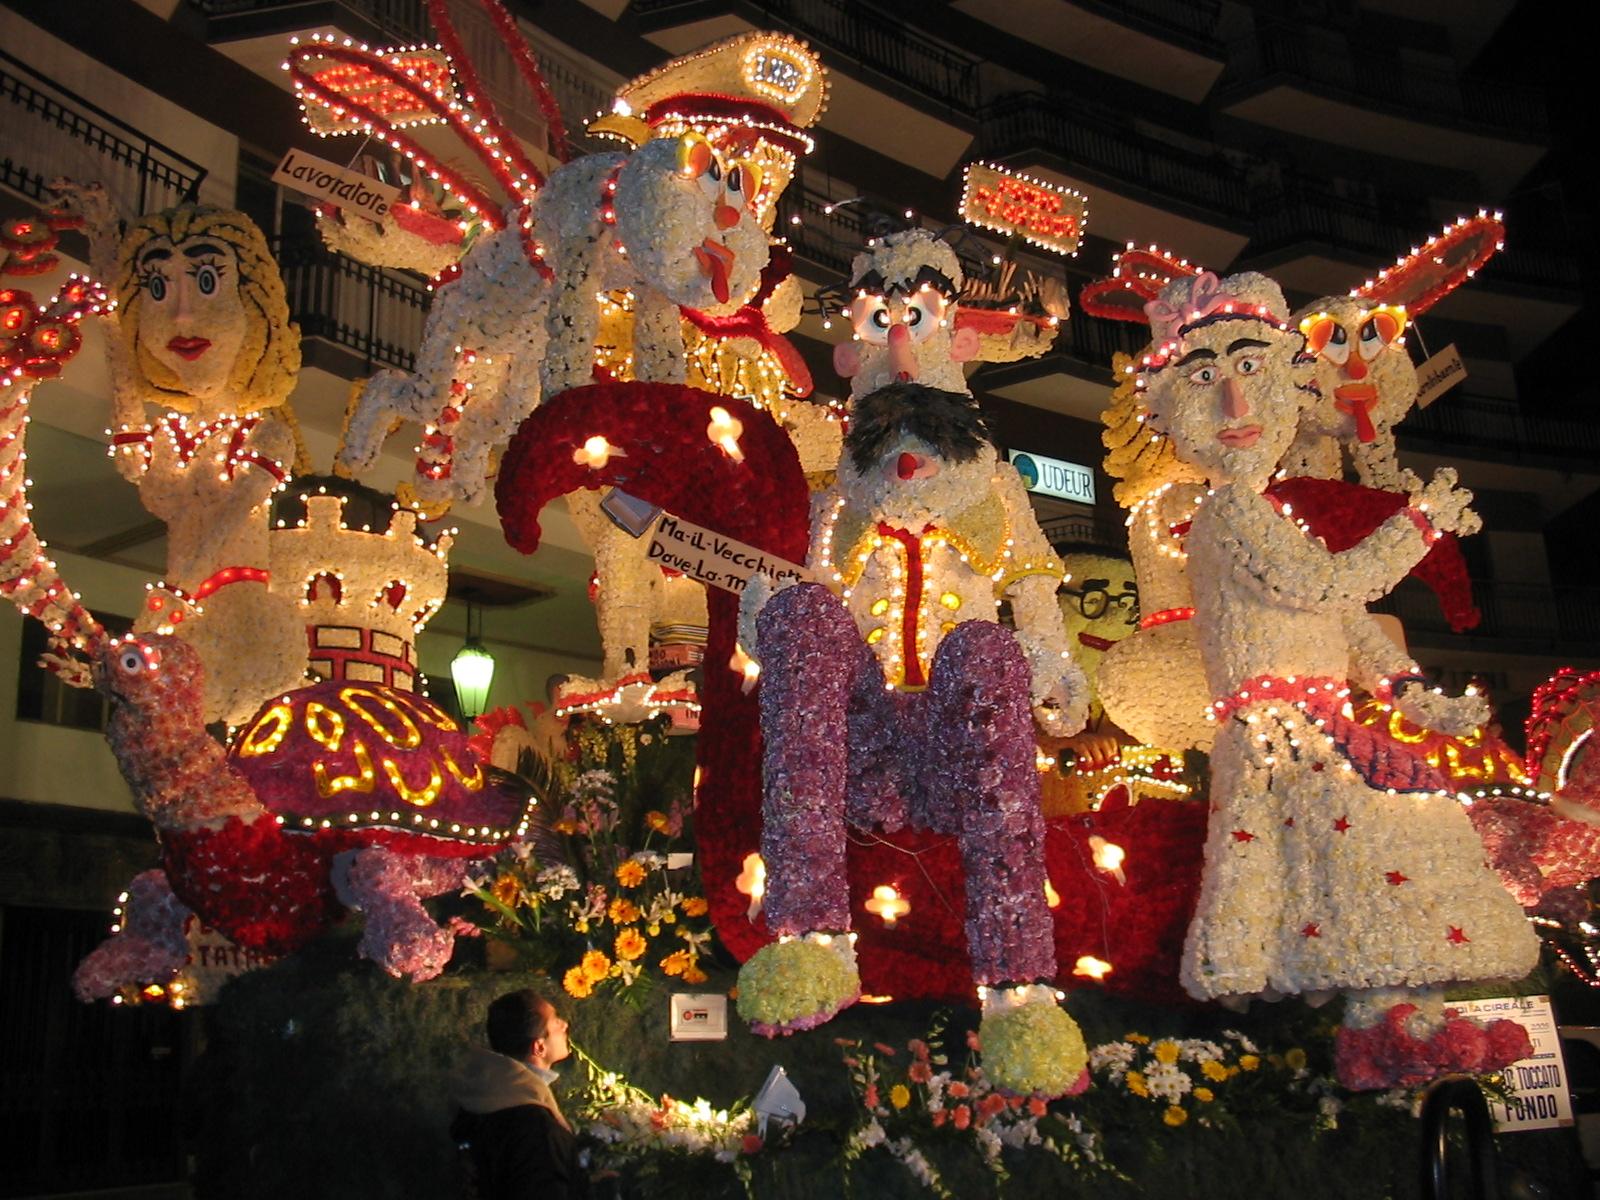 Carnevale Acireale, Sicilia